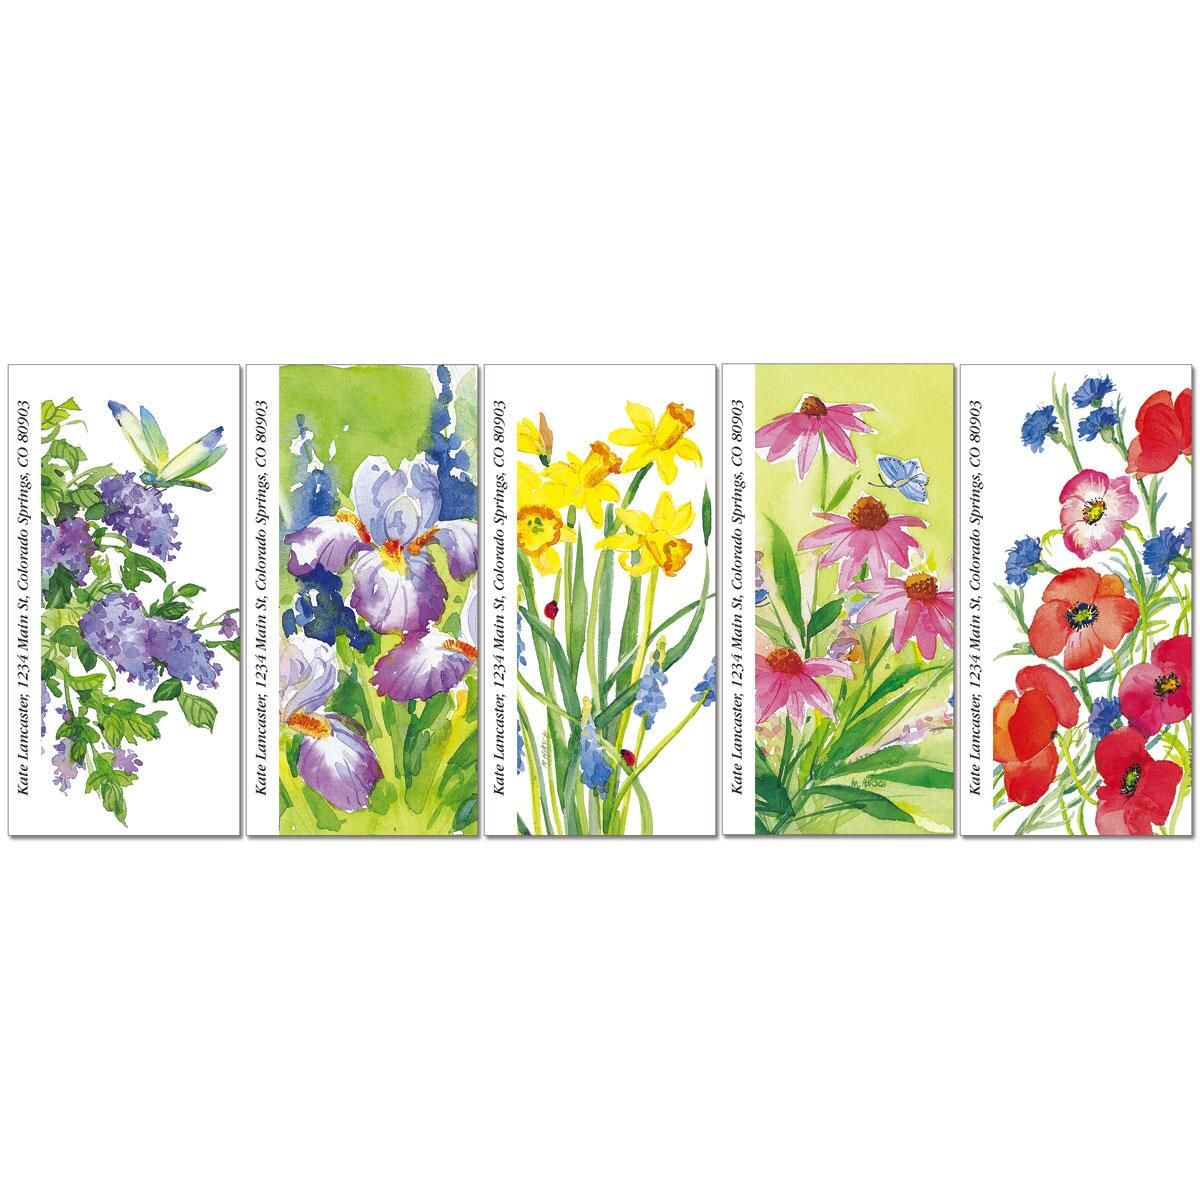 Floral Color Oversized Return Address Labels  (5 Designs)